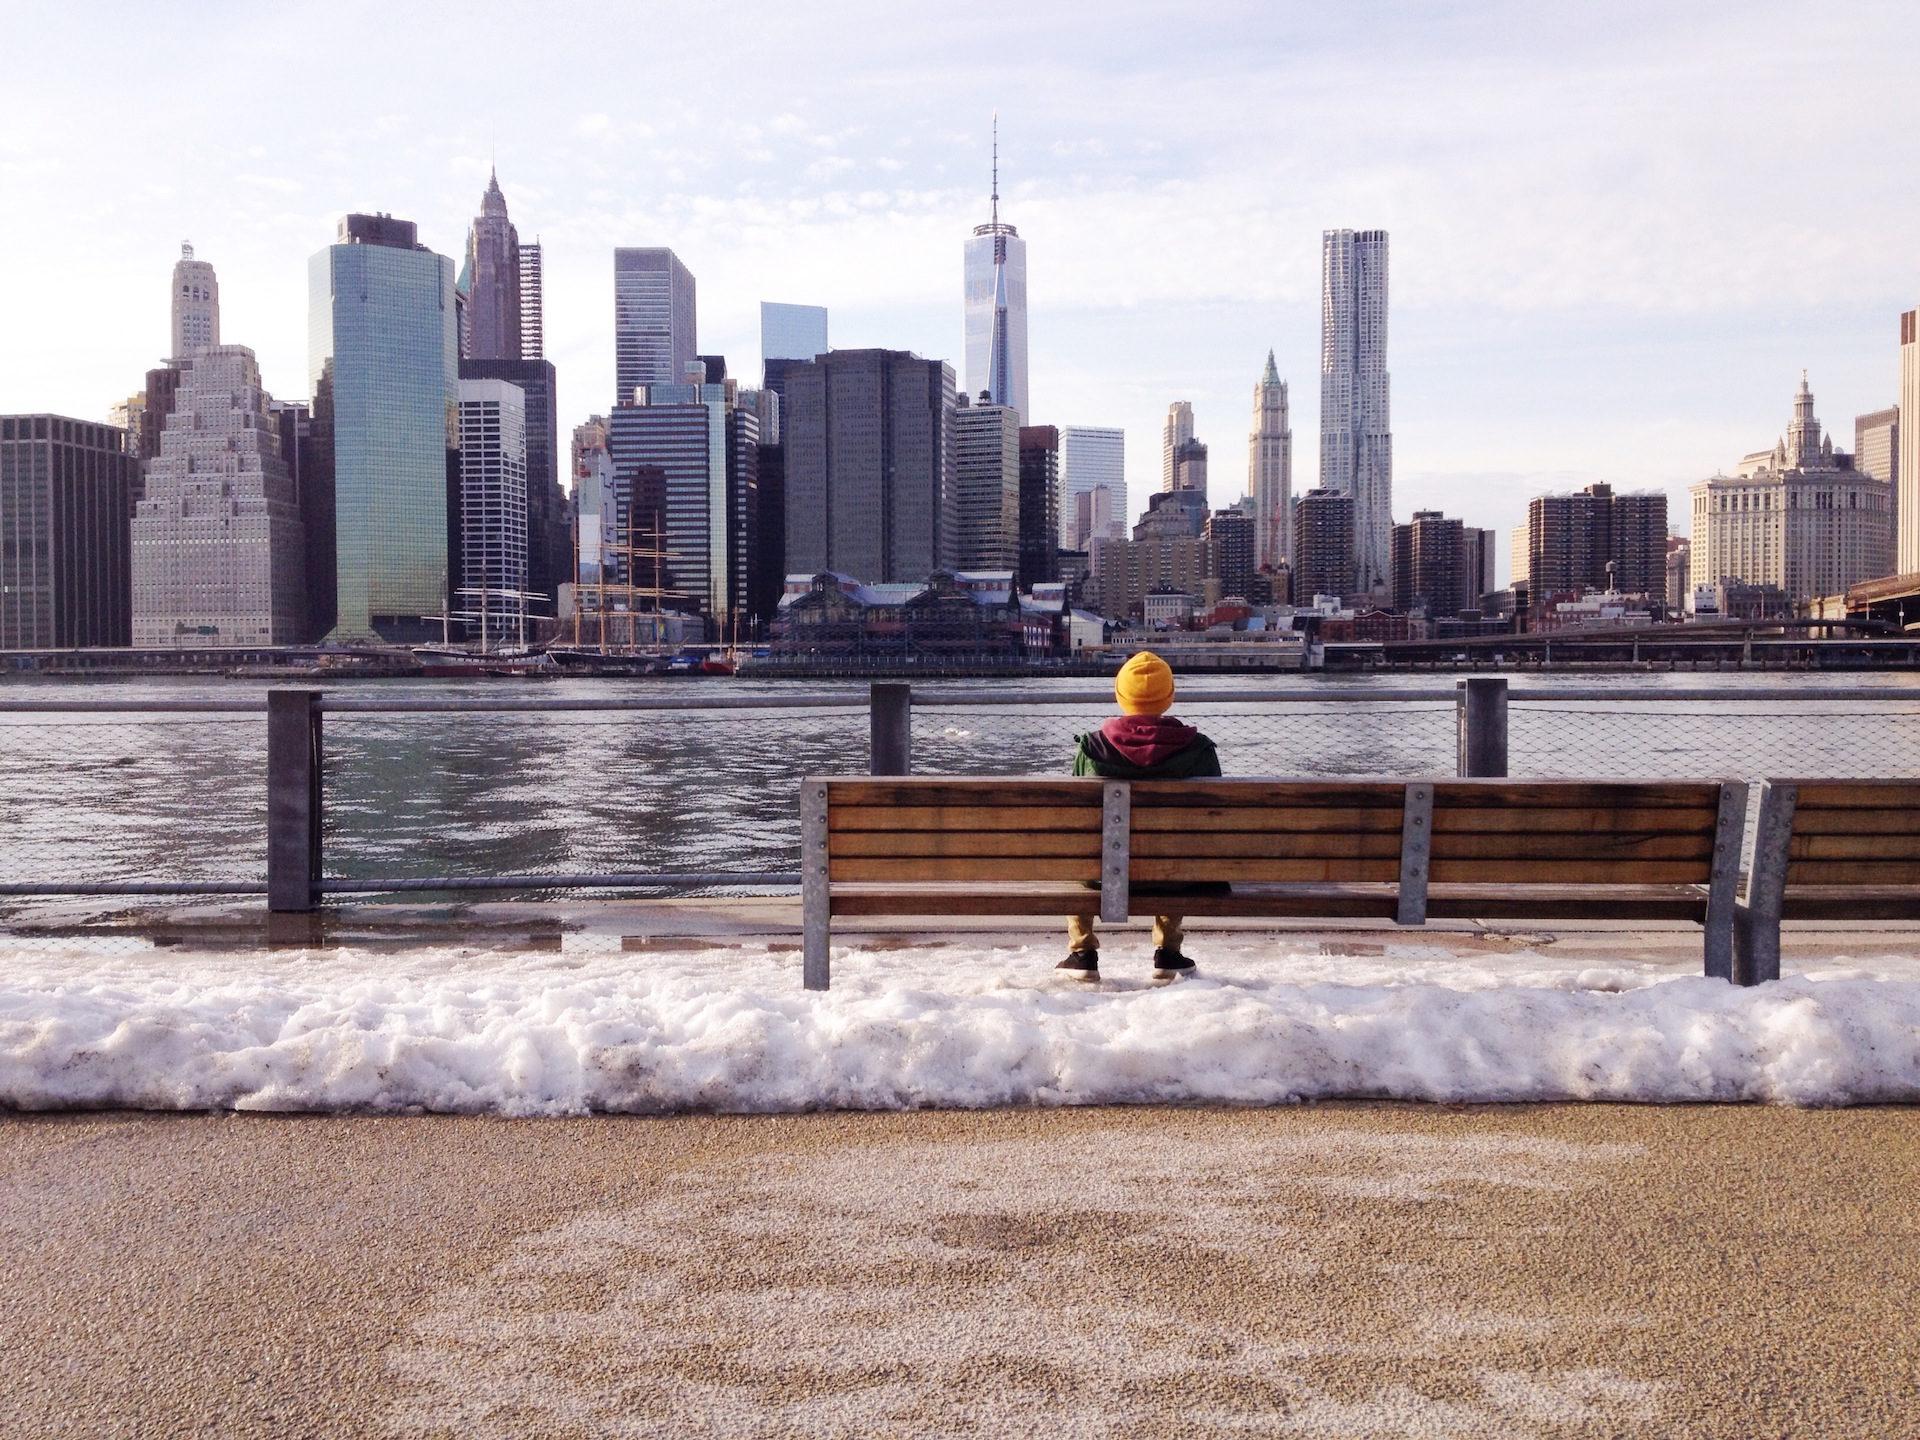 Πόλη, κάθισμα, Τράπεζα, ο άνθρωπος, στον ορίζοντα - Wallpapers HD - Professor-falken.com